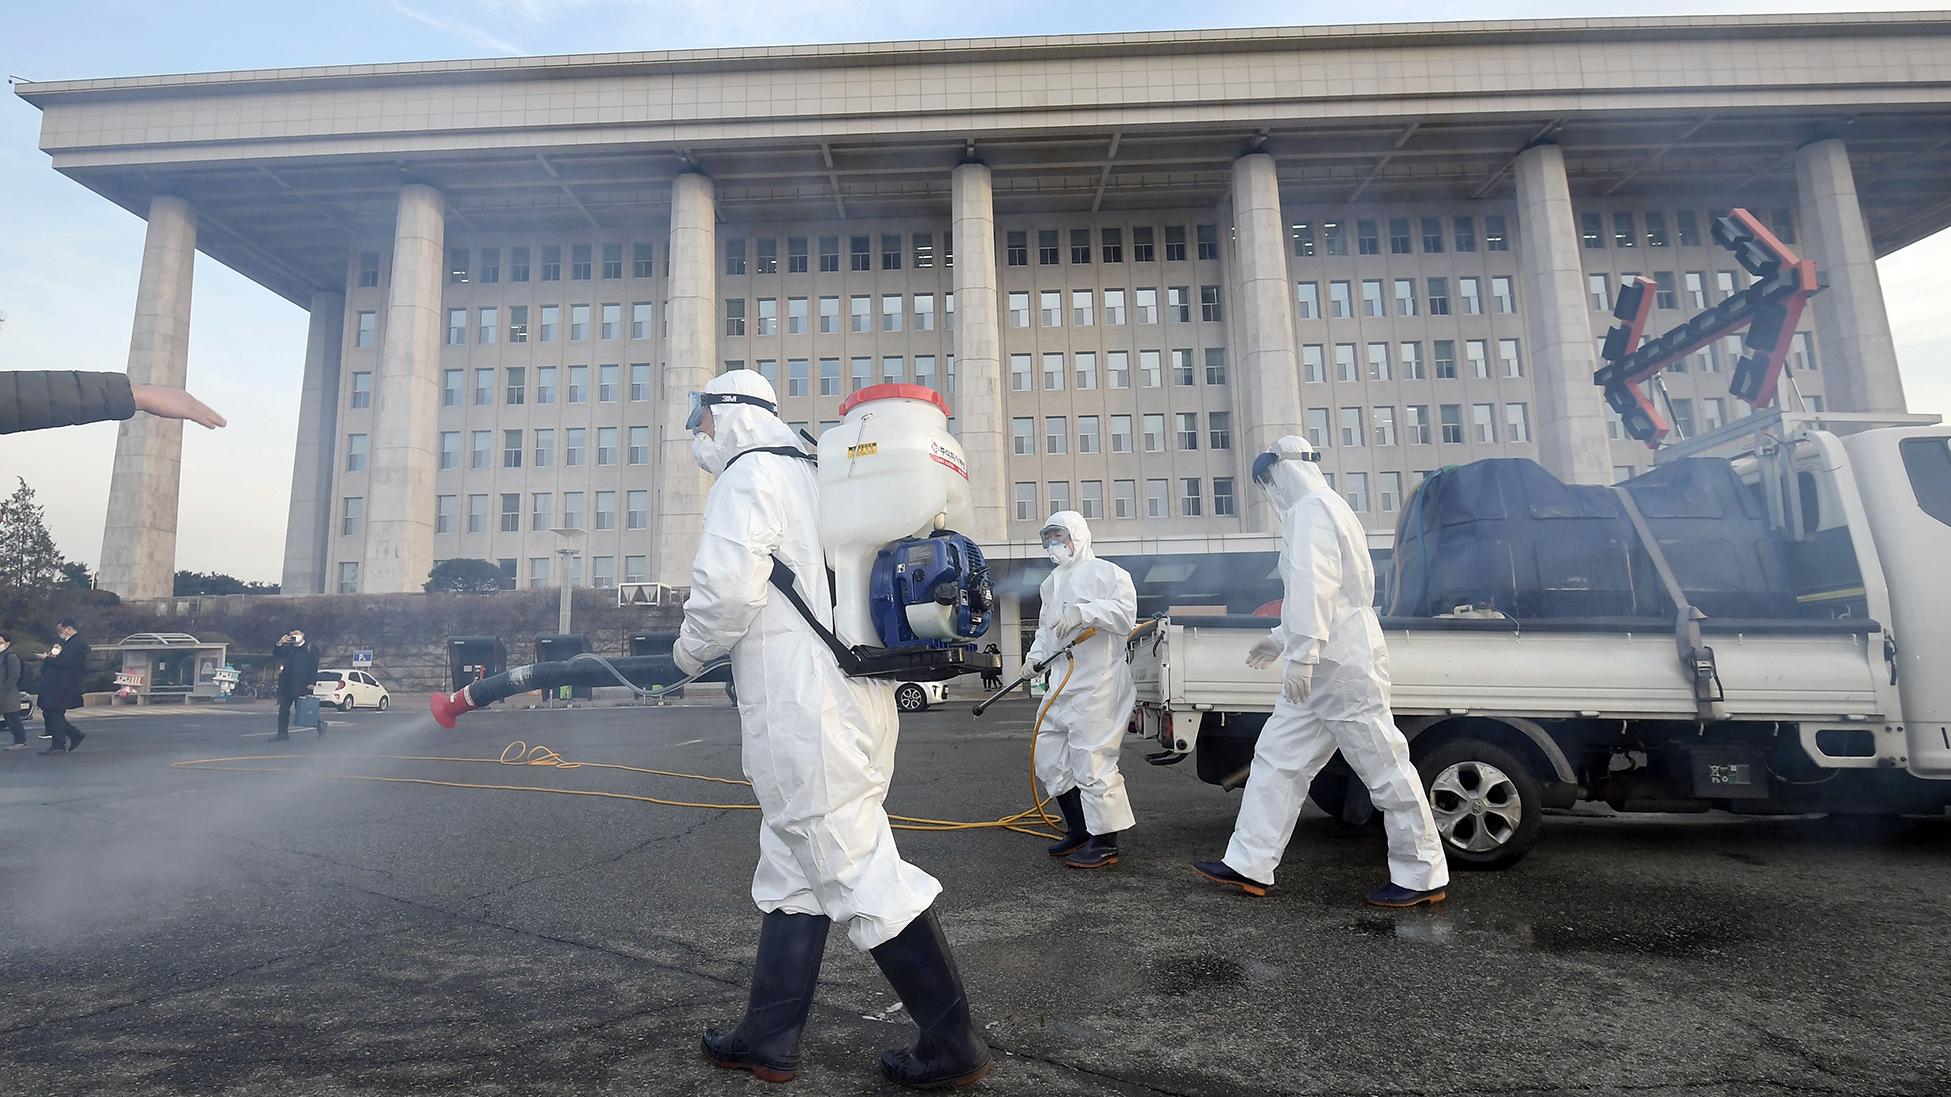 韩国医务人员在韩国国会进行预防消毒。(法新社)